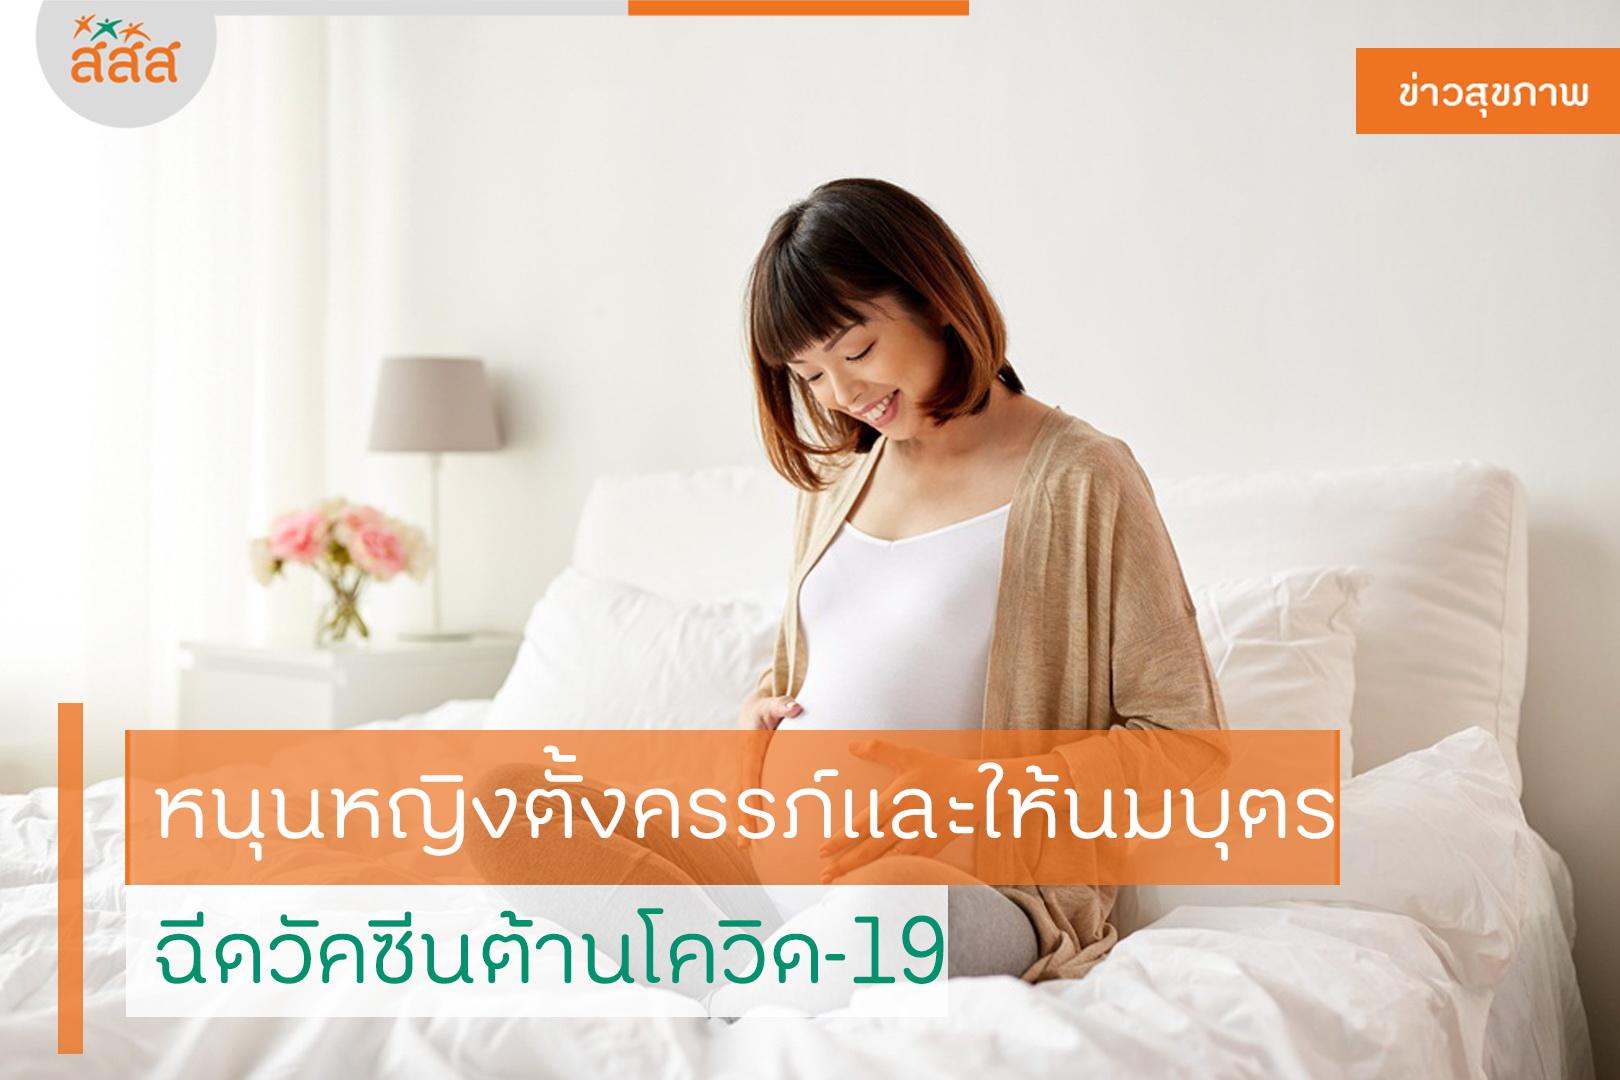 หนุนหญิงตั้งครรภ์และให้นมบุตร ฉีดวัคซีนต้านโควิด-19 thaihealth